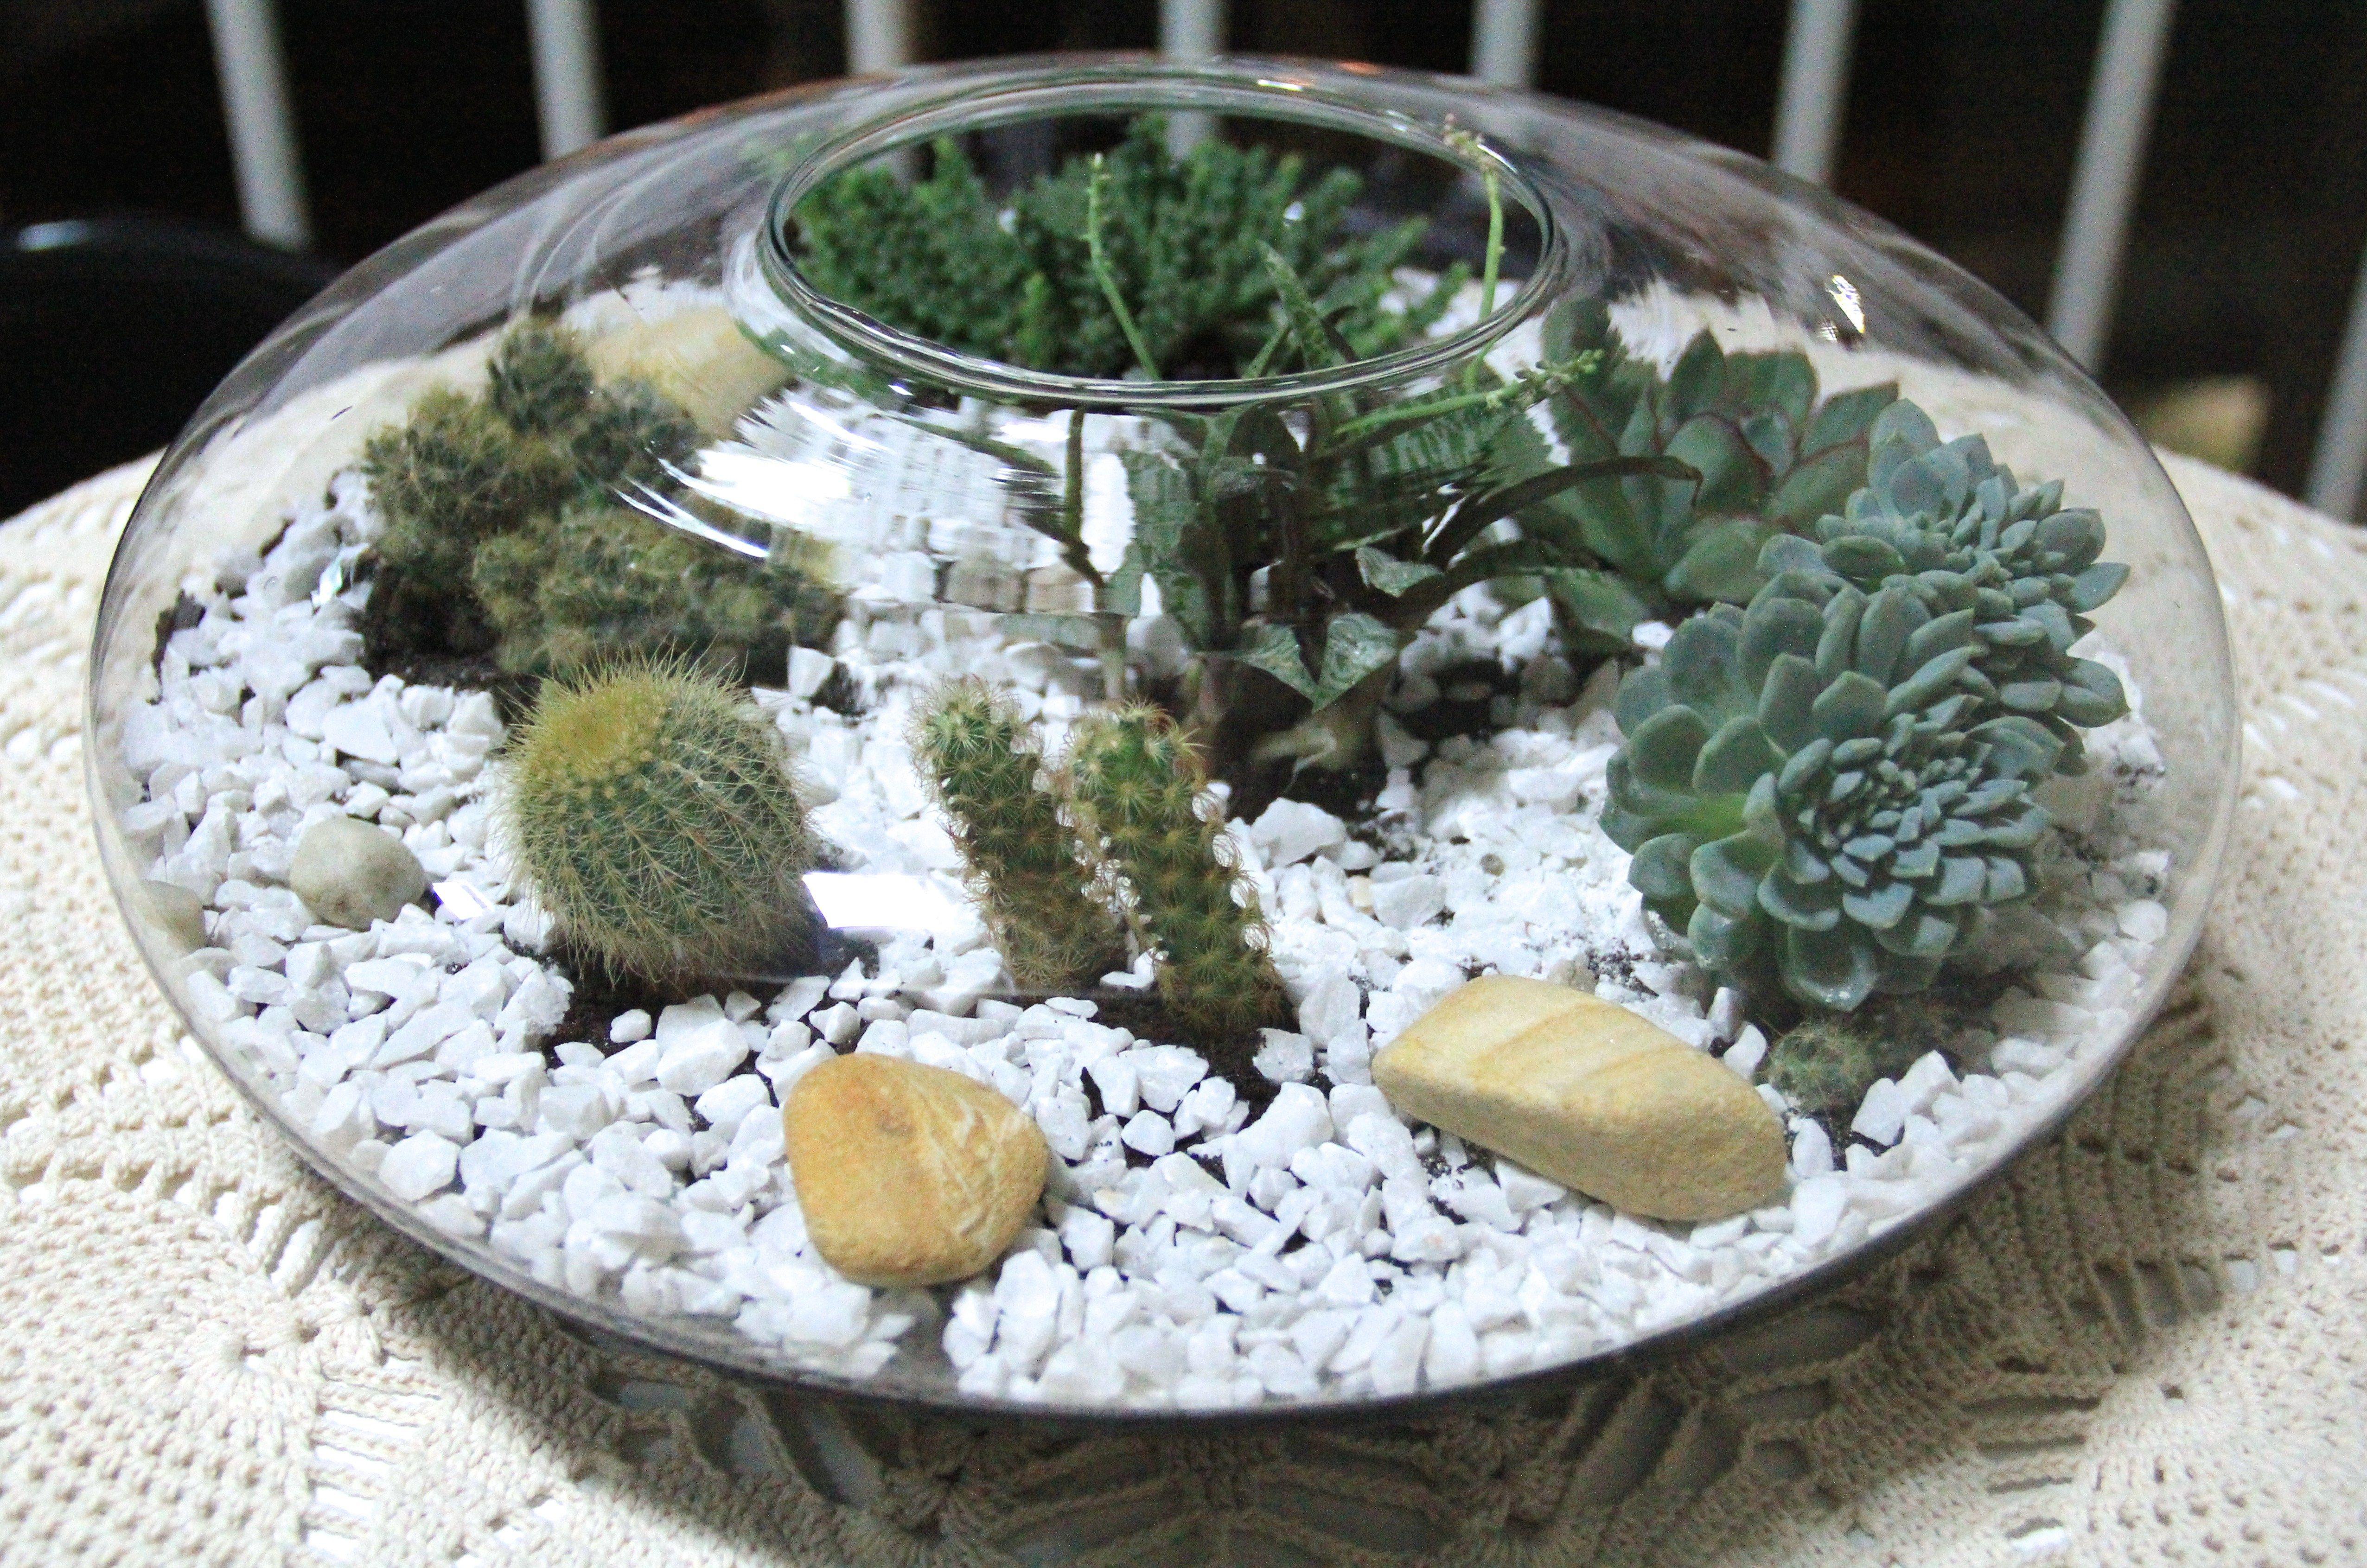 mini jardim suculentas:Como fazer um mini jardim de cactos e suculentas